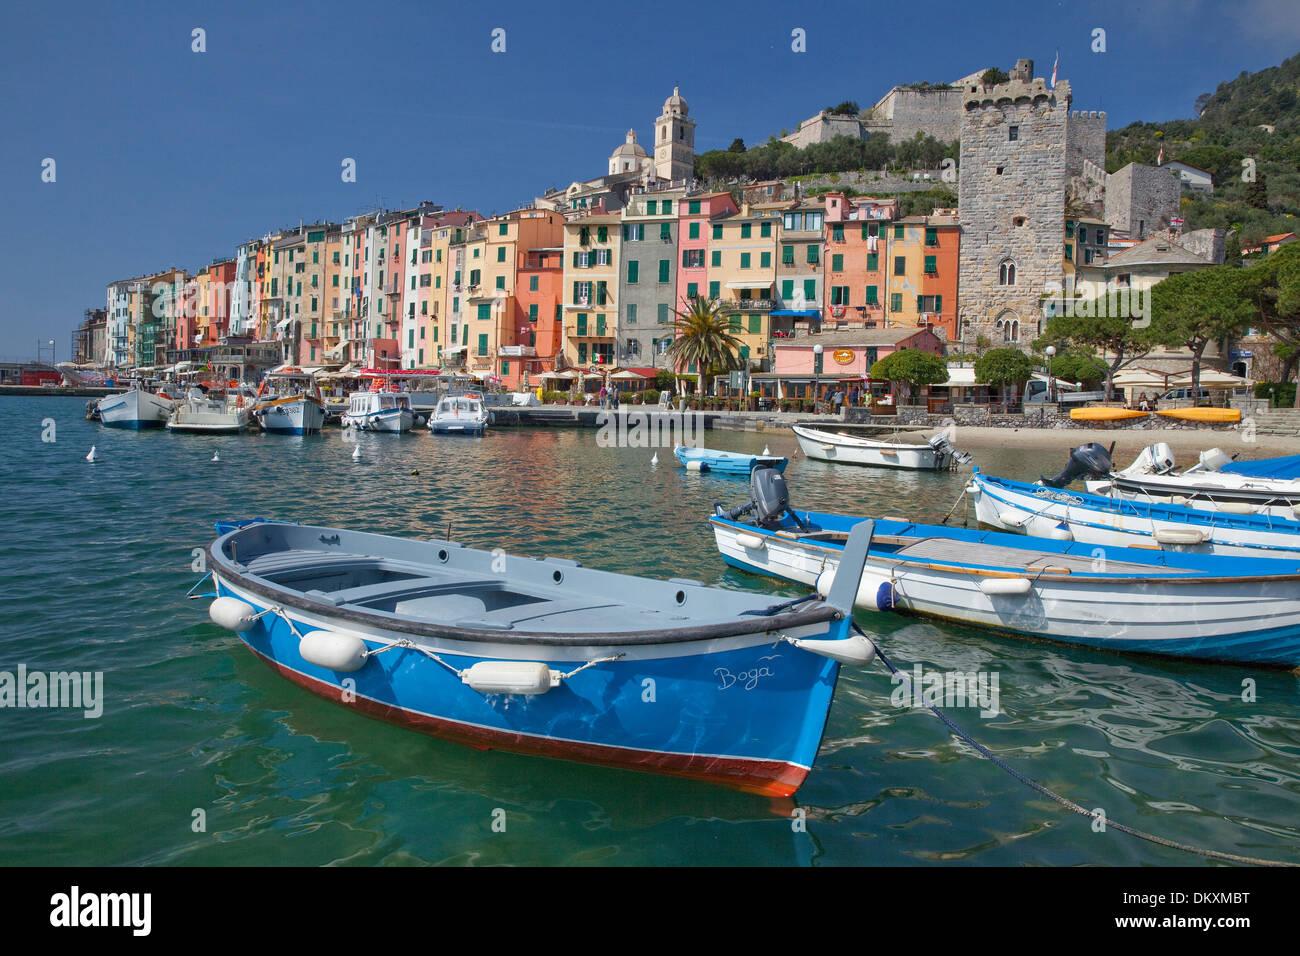 Europa, Dorf, Meer, Portovenere, Boote, Italien, UNESCO, Welterbe, Küste, Cinqueterre, Mittelmeer, Meer, Stockbild